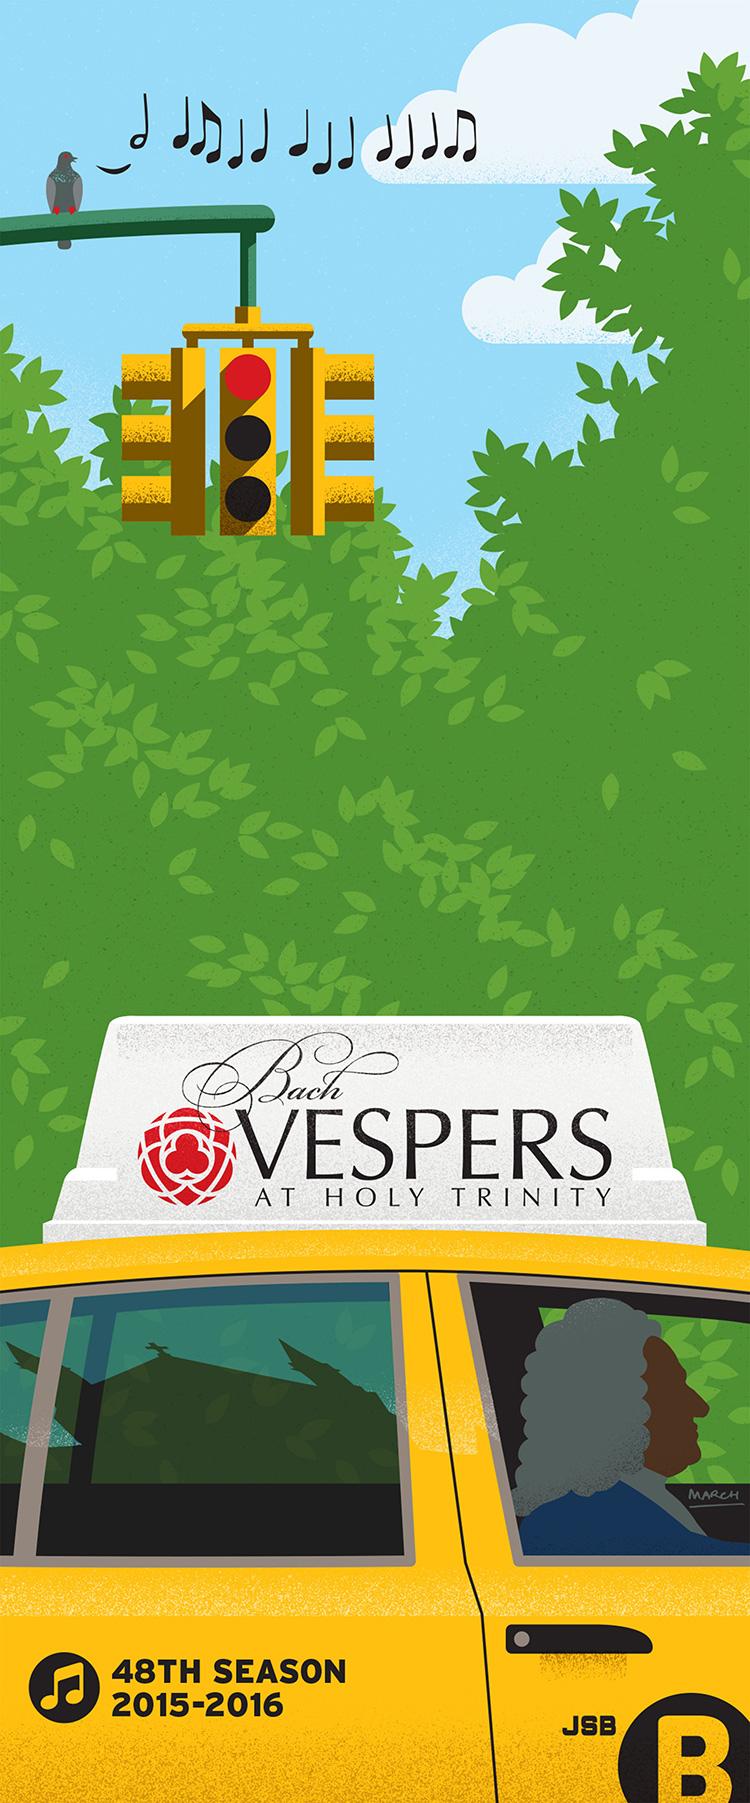 Bach Vespers at Holy Trinity: Season 48